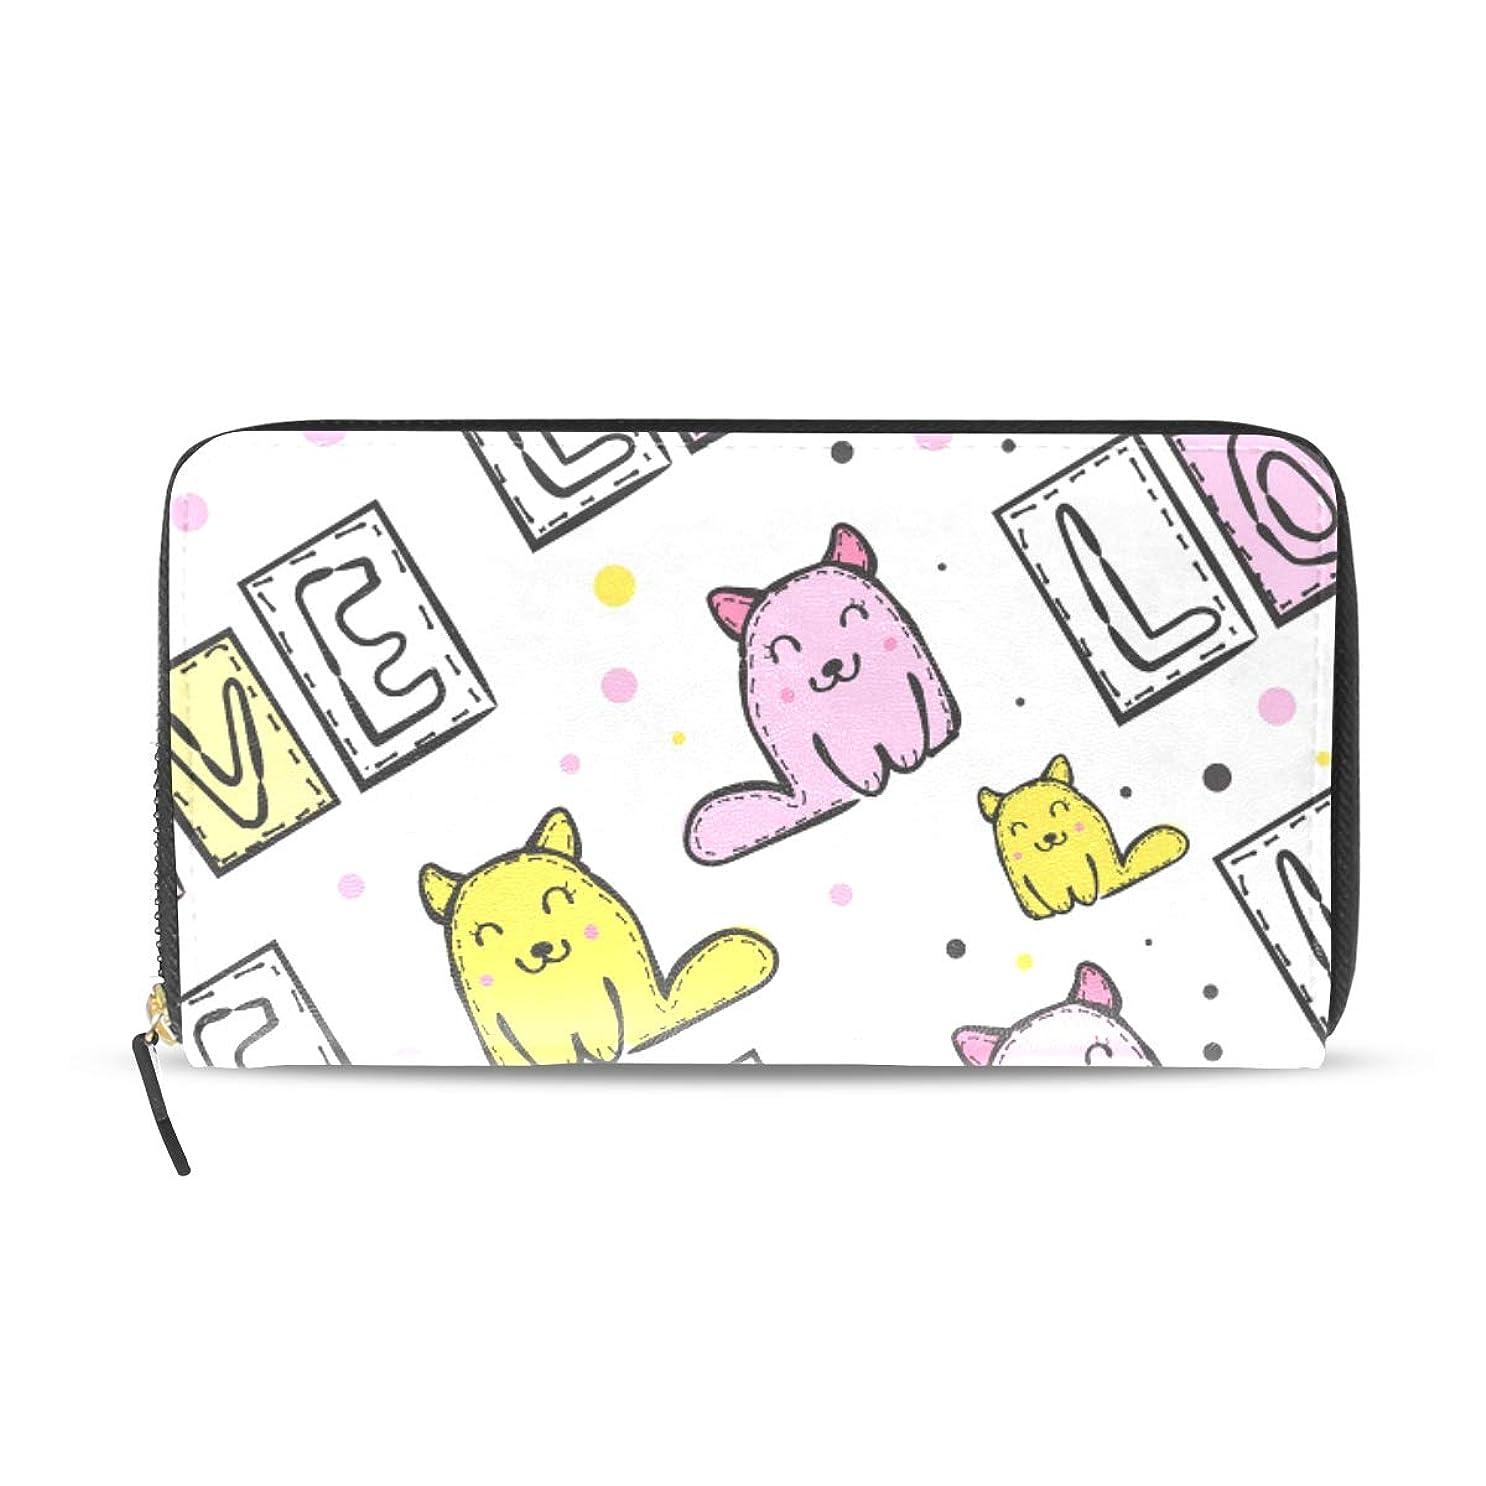 着服ティーム確認するユサキ(USAKI) 長財布 レディース 猫柄 可愛い 大容量 レザー ラウンドファスナー おしゃれ コインケース プレゼント